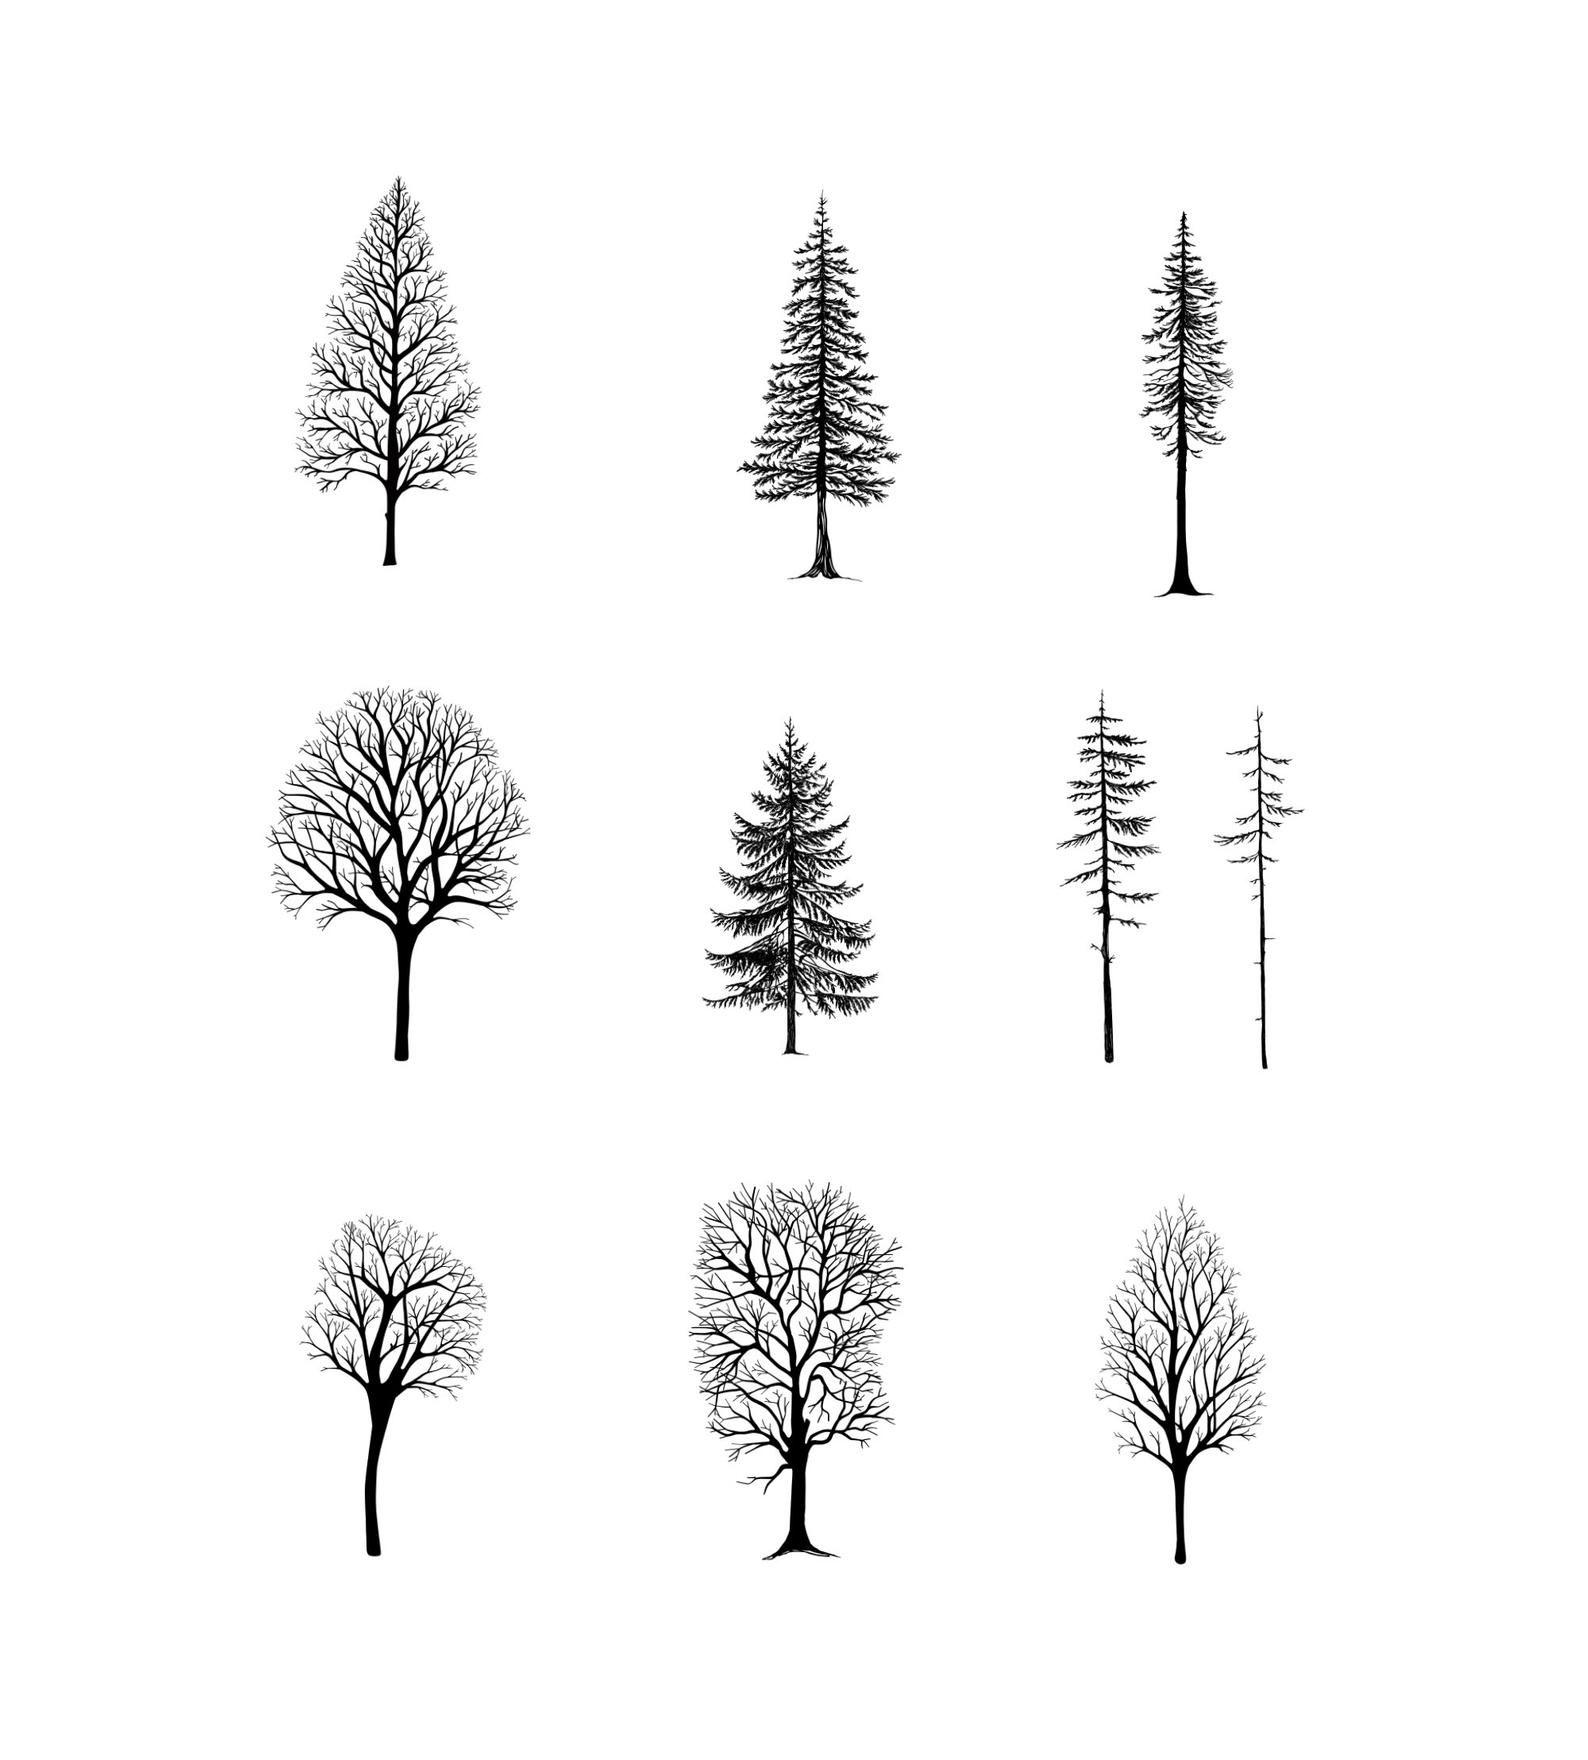 Procreate Brushset Winter Trees 10 Brushes For Illustration Greeting Cards Handlettering Lineart Stamp In 2020 Handlettering Winter Trees Hand Lettering